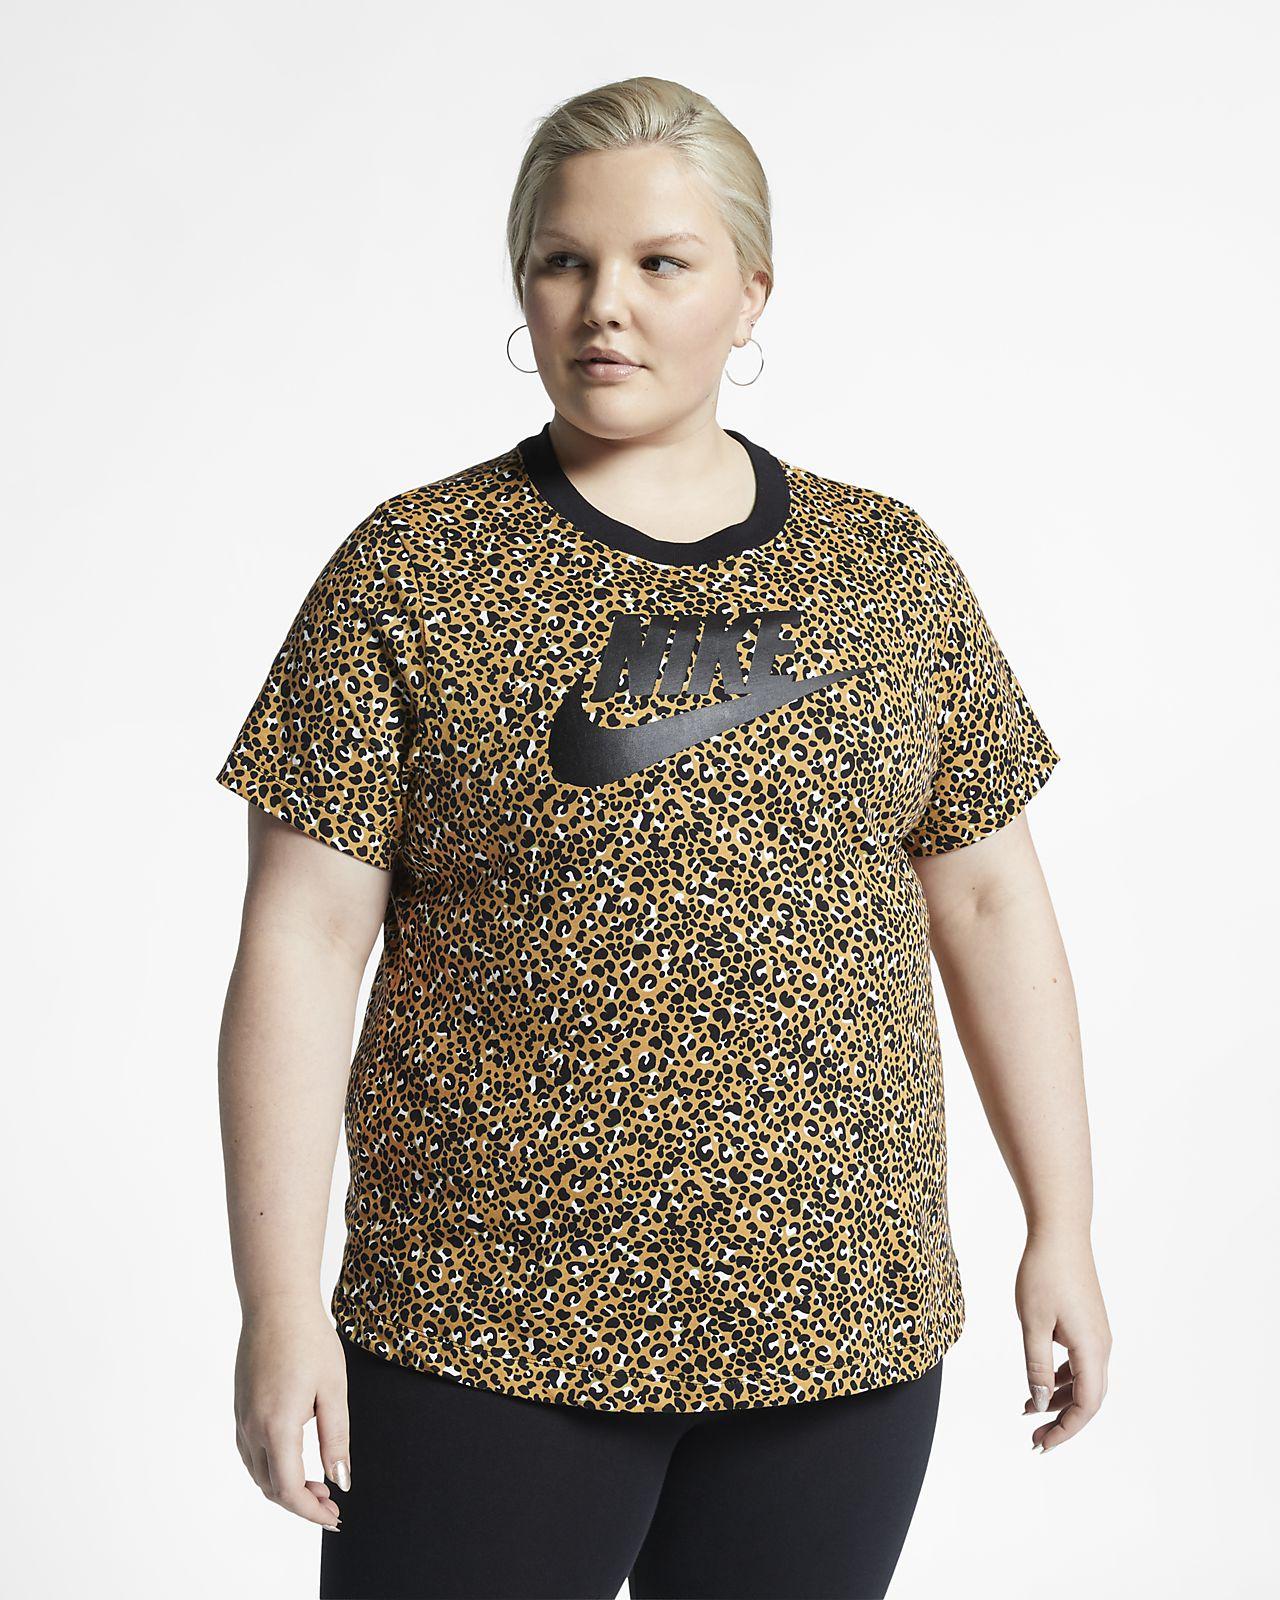 Nike Sportswear Animal Print Camiseta de manga corta (Talla grande) - Mujer